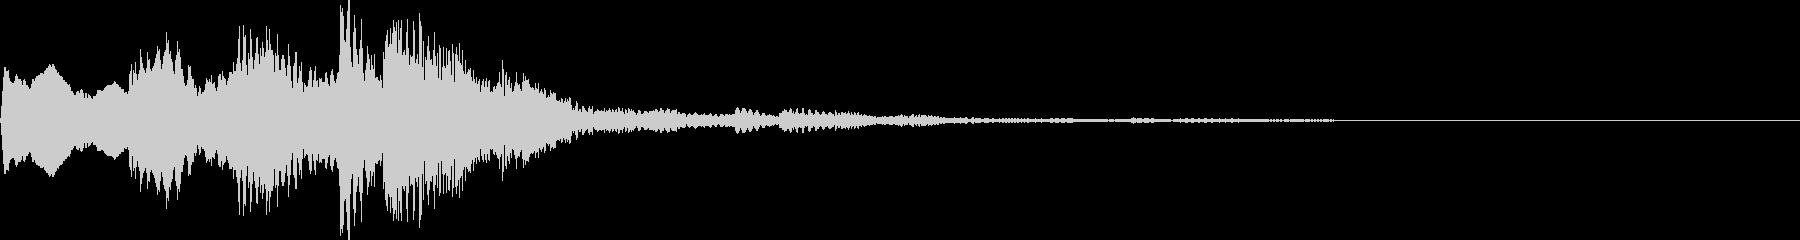 キララン(一時停止・ストップ・止まる)の未再生の波形